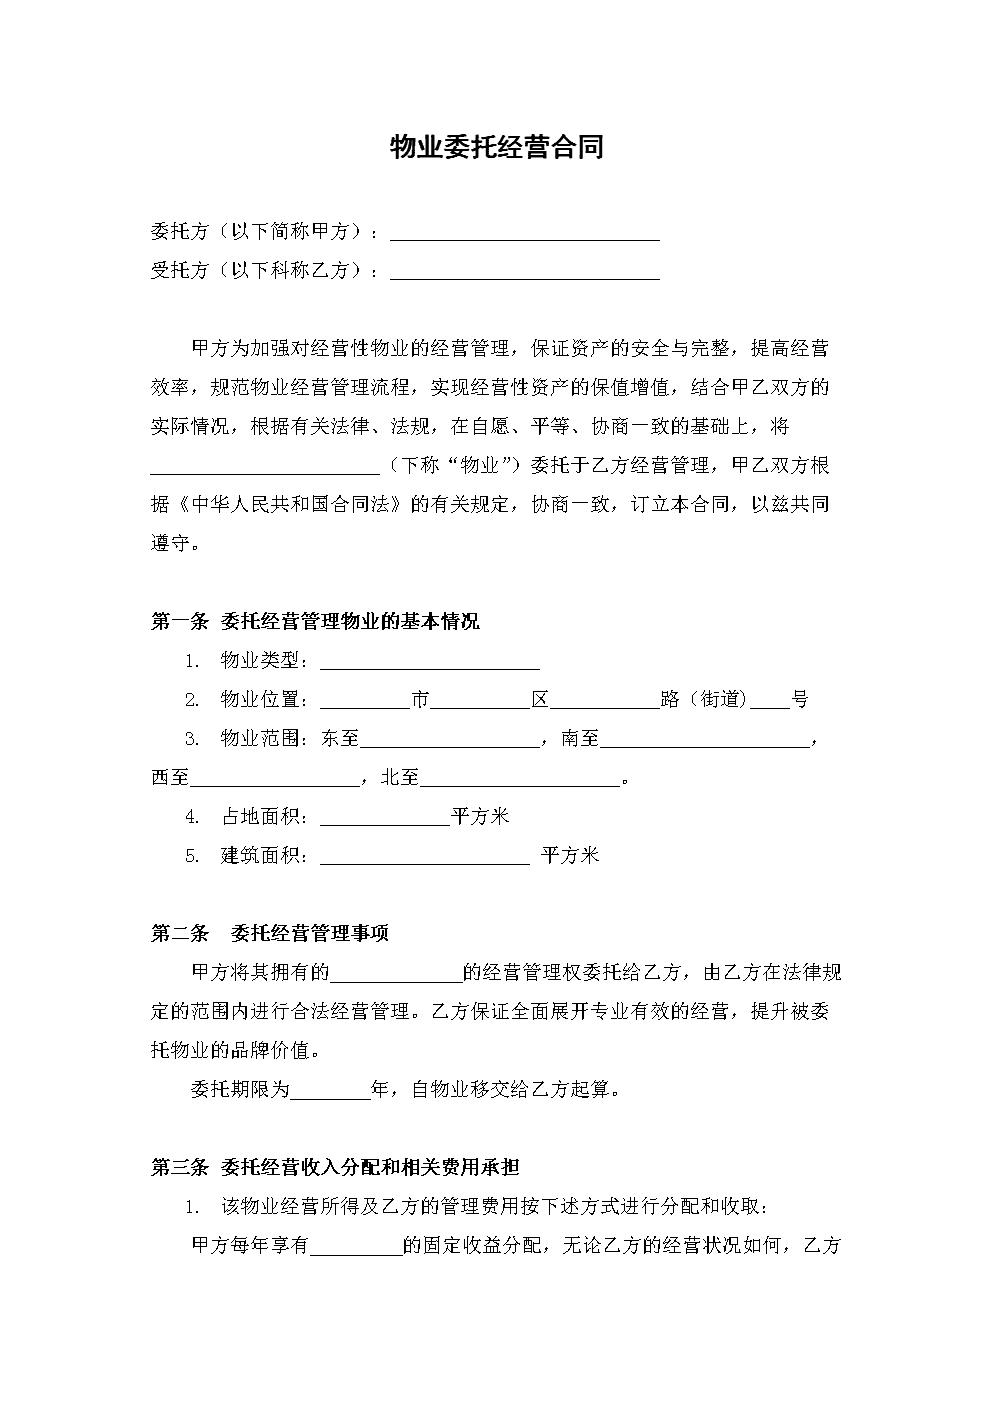 房地产公司经营性物业委托经营合同.doc